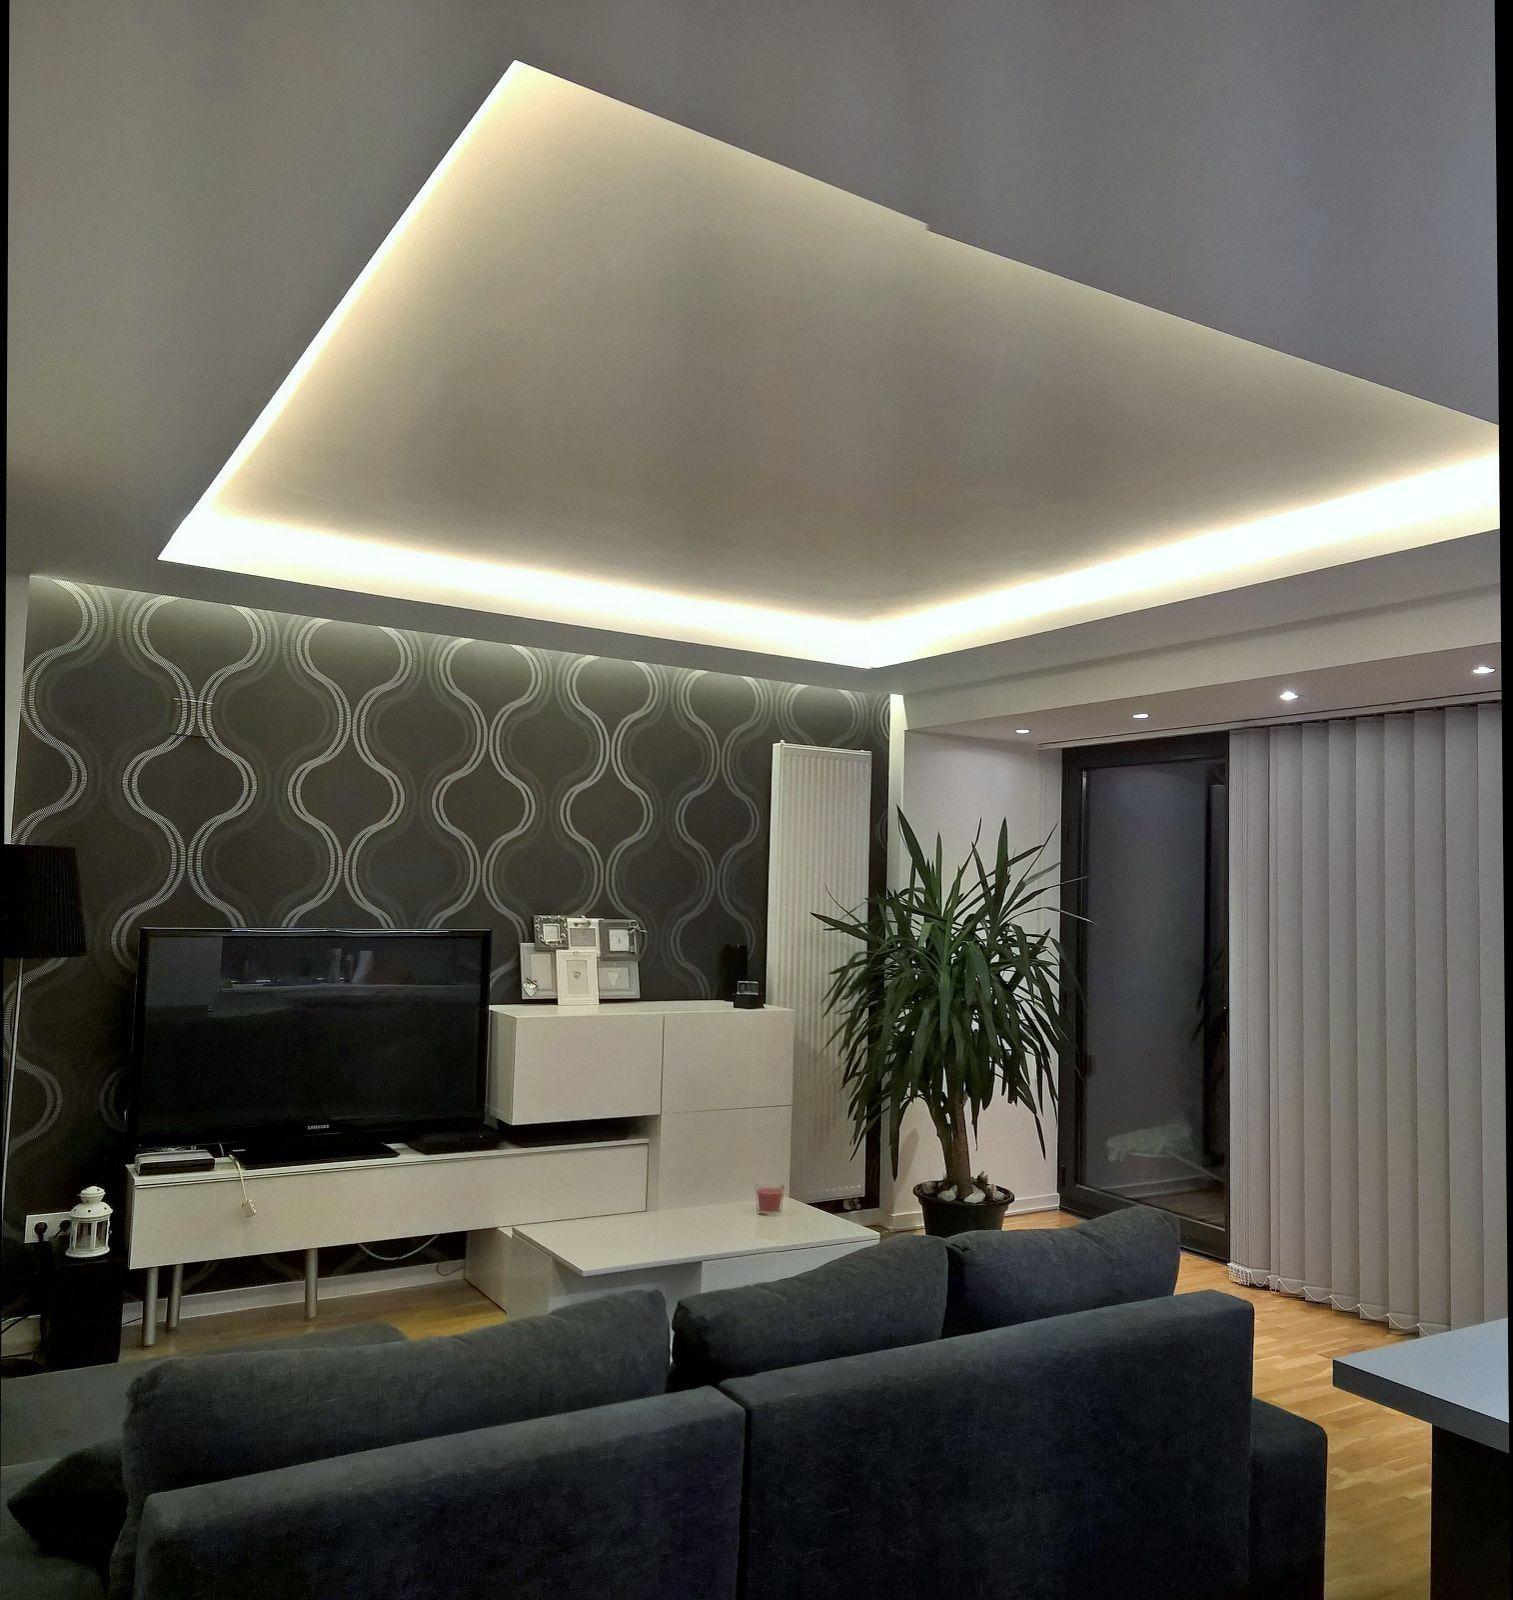 Saln iluminado con foseados de pladur con tiras de LEDs